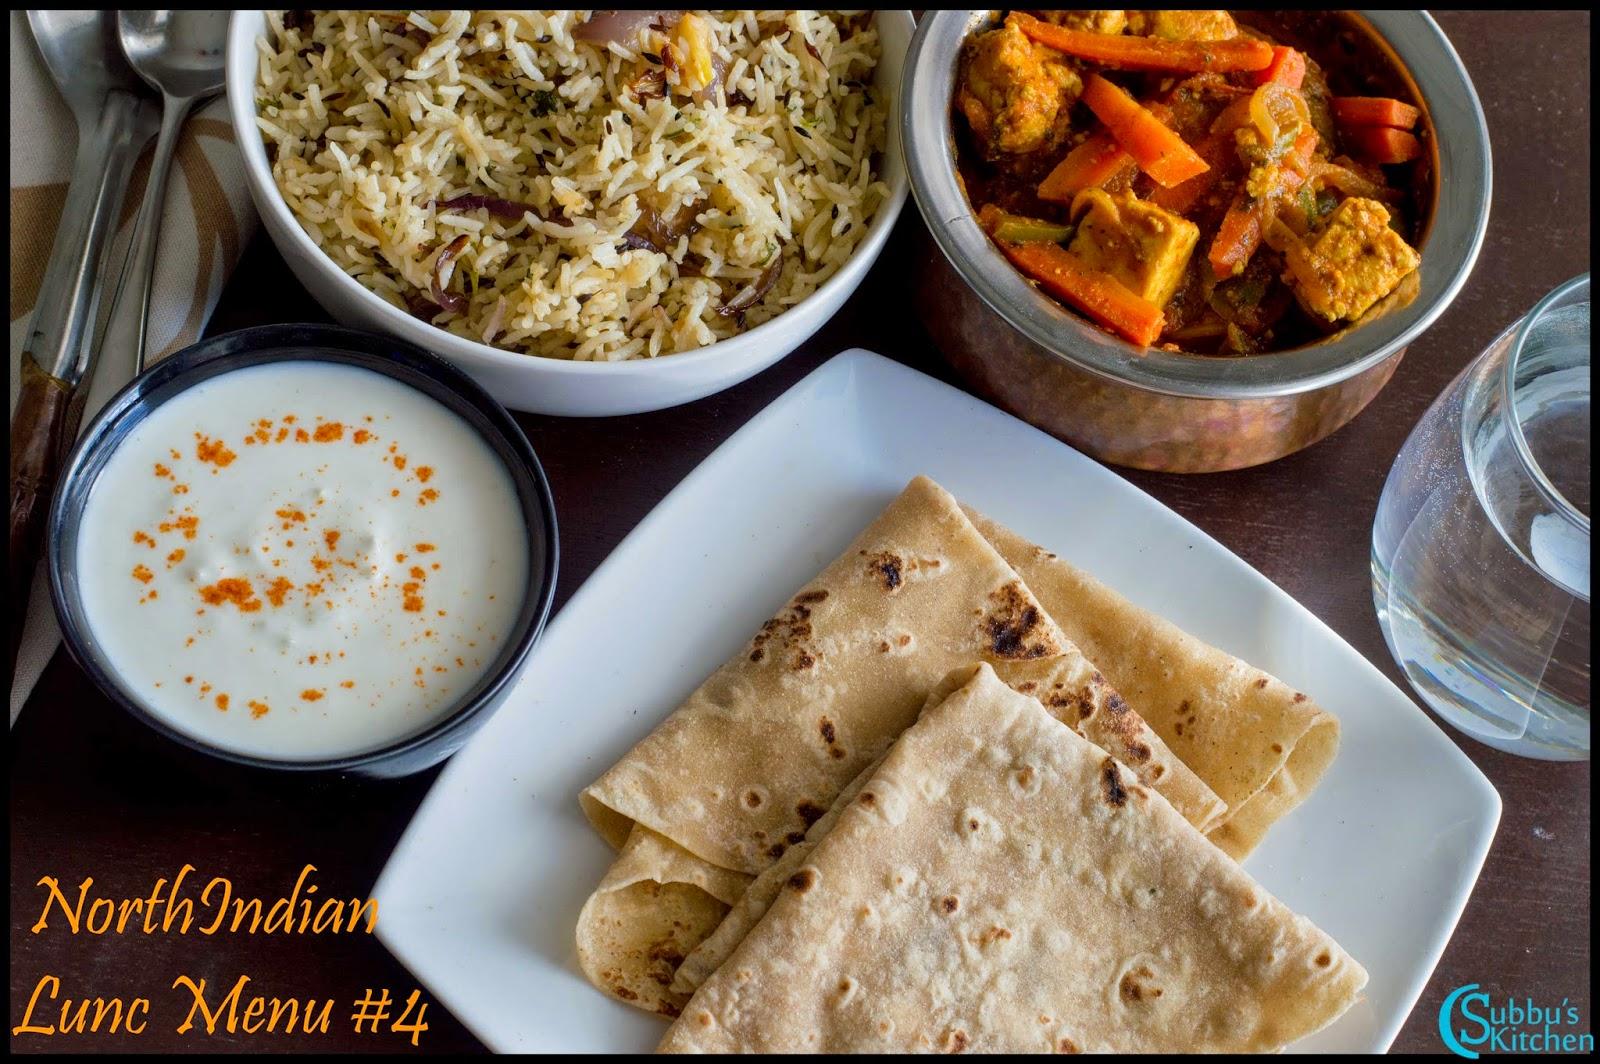 NorthIndian Lunch Menu #4 - Rumali Roti, Paneer Jalfrezi, Jeera Rice and Onion Raitha,